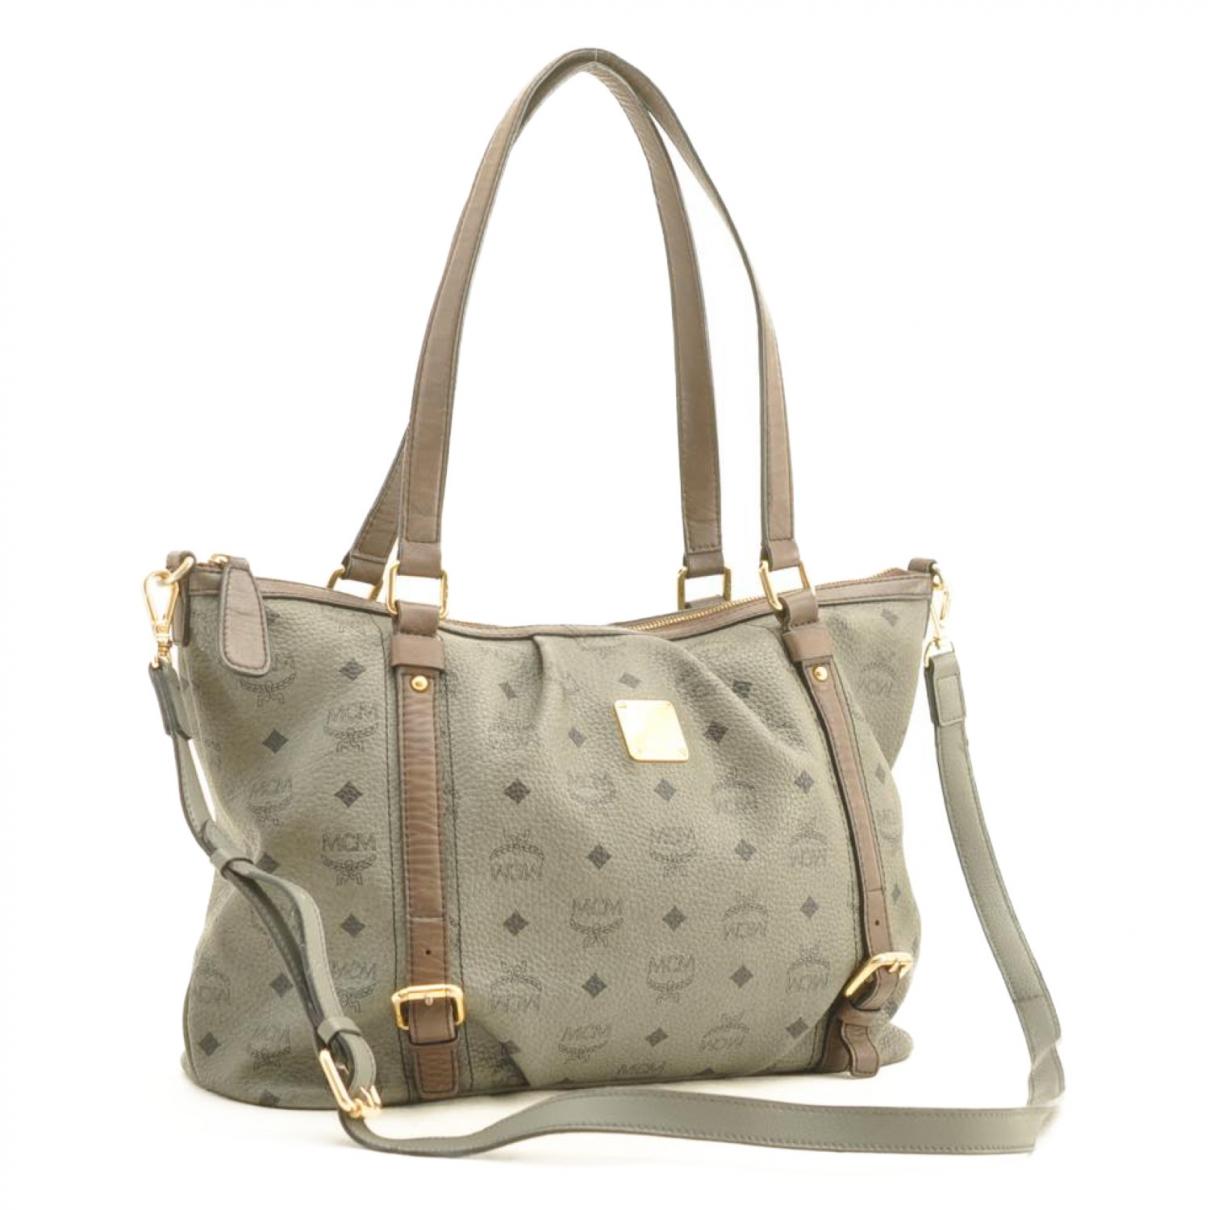 Mcm \N Grey Cloth handbag for Women \N